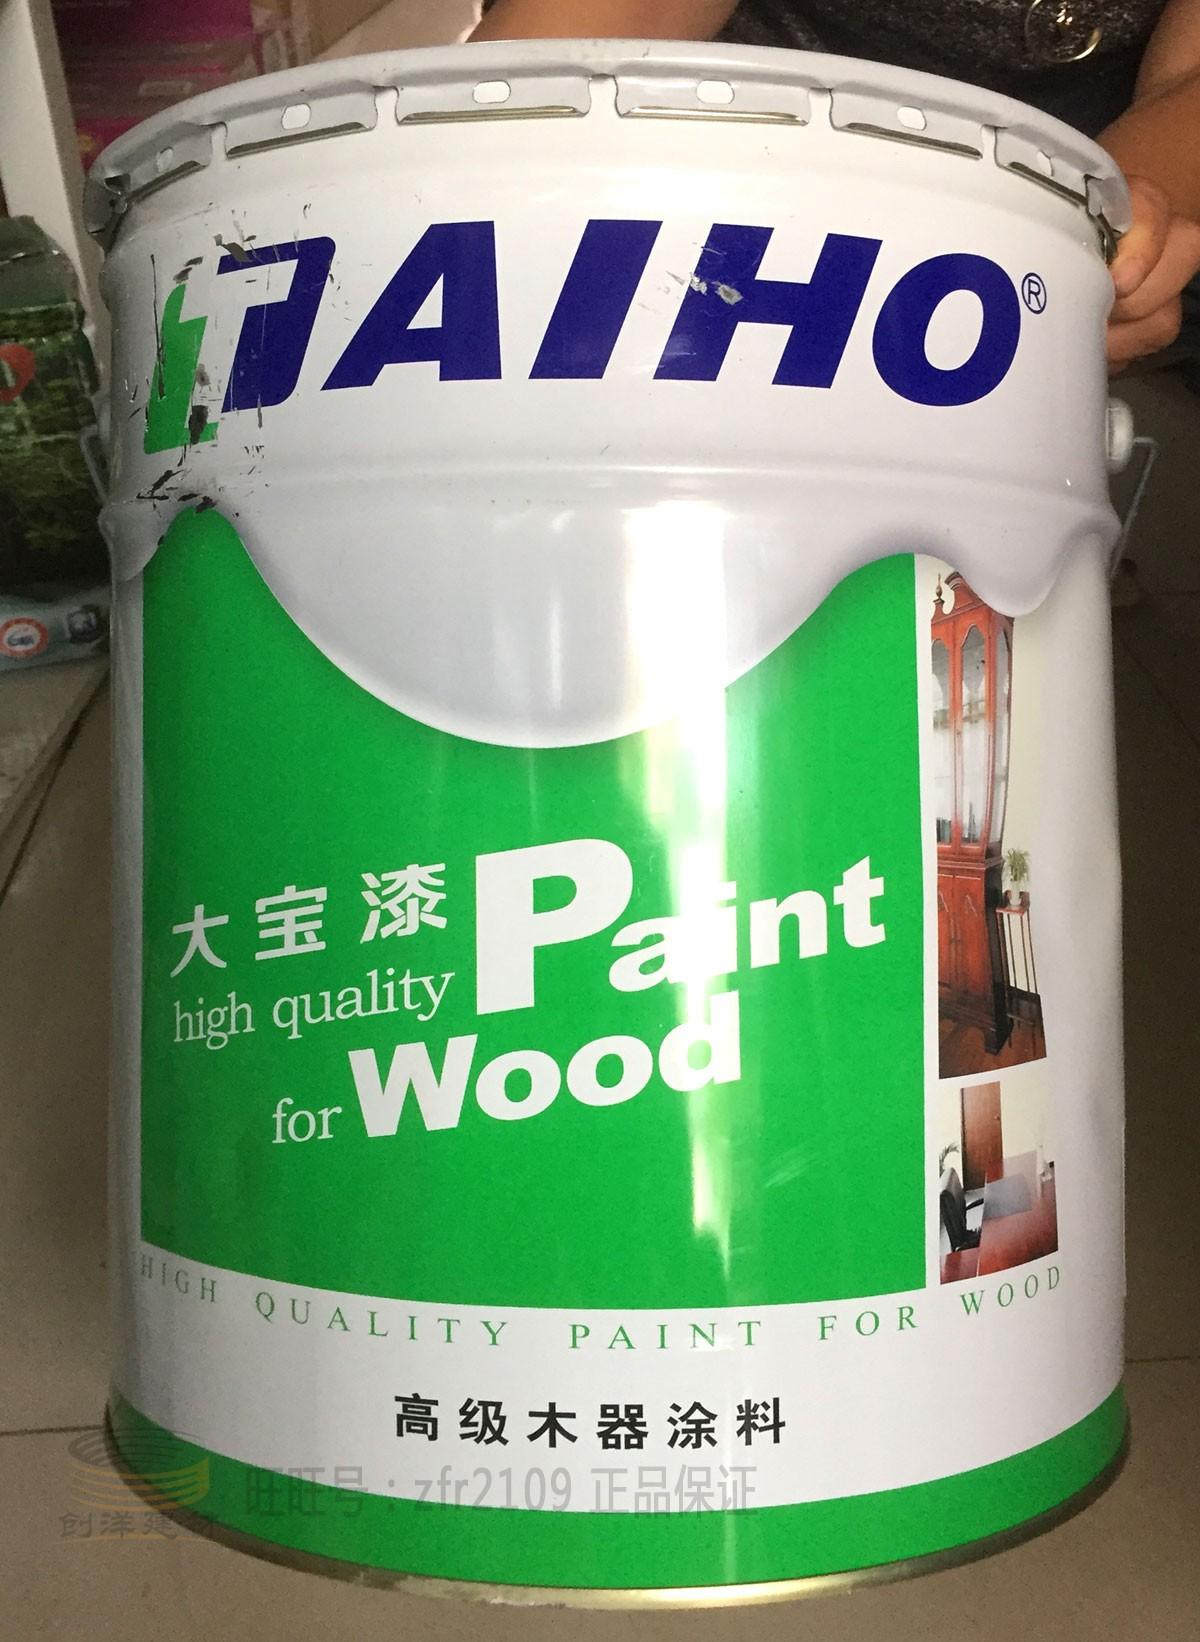 木器漆 底漆面漆 套装